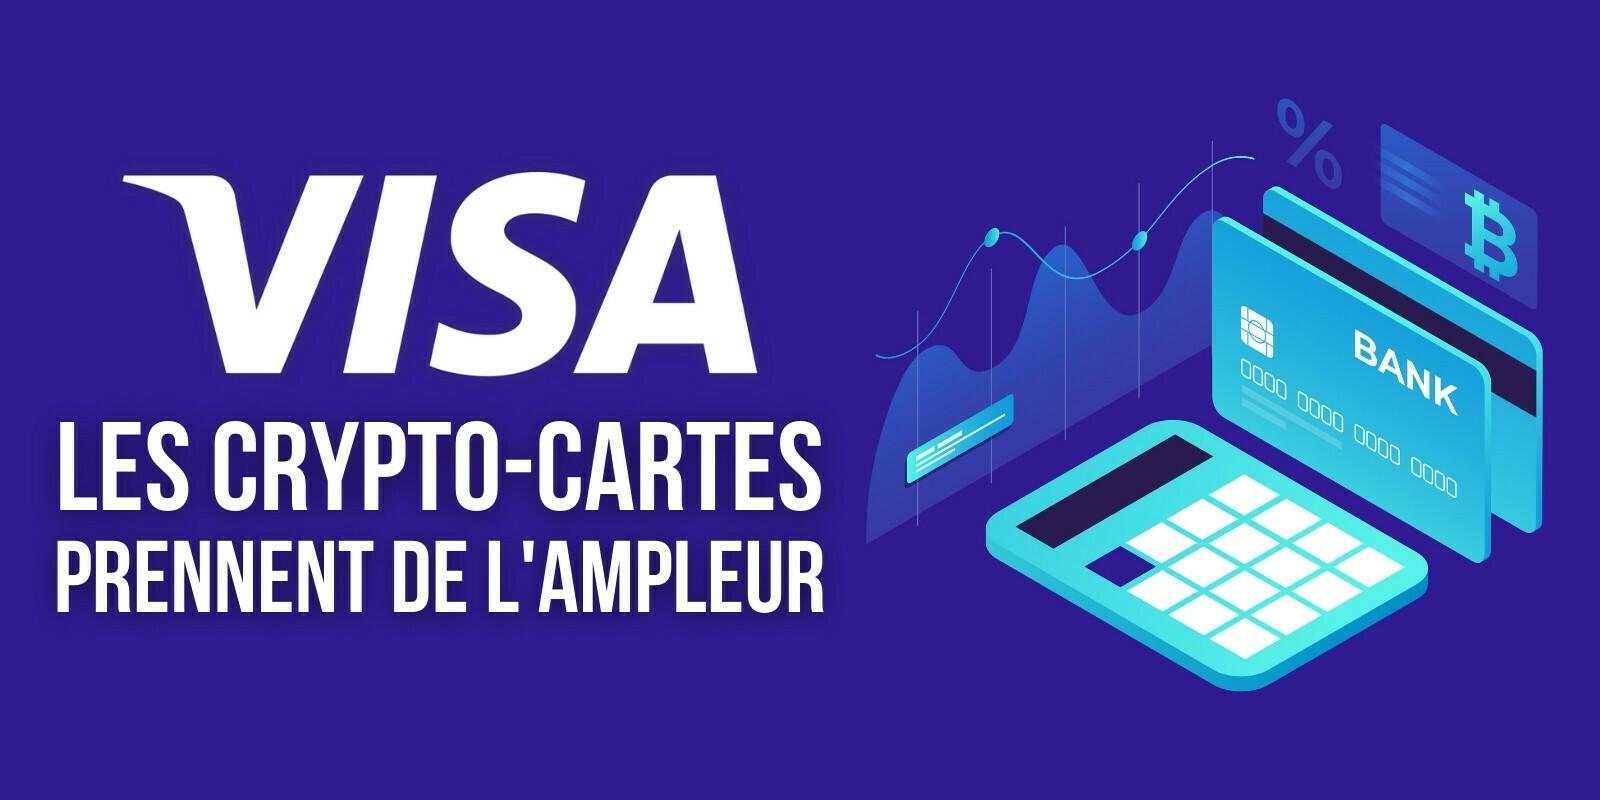 La course aux cryptomonnaies continue pour Visa et ses crypto-cartes